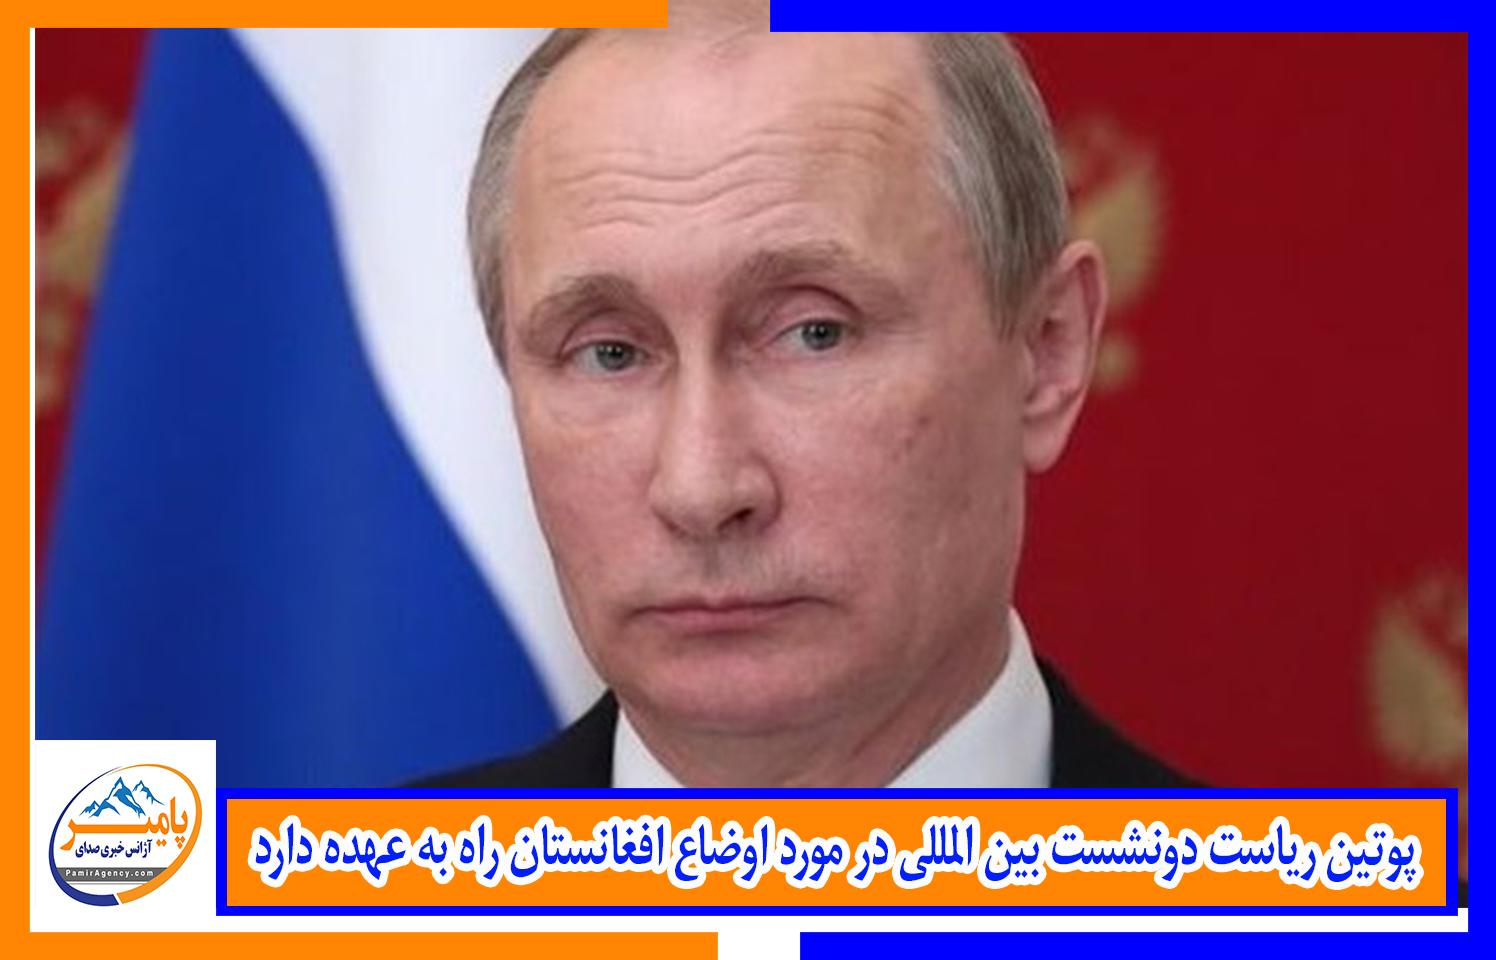 پوتین ریاست دونشست بین المللی در مورد اوضاع افغانستان راه به عهده دارد